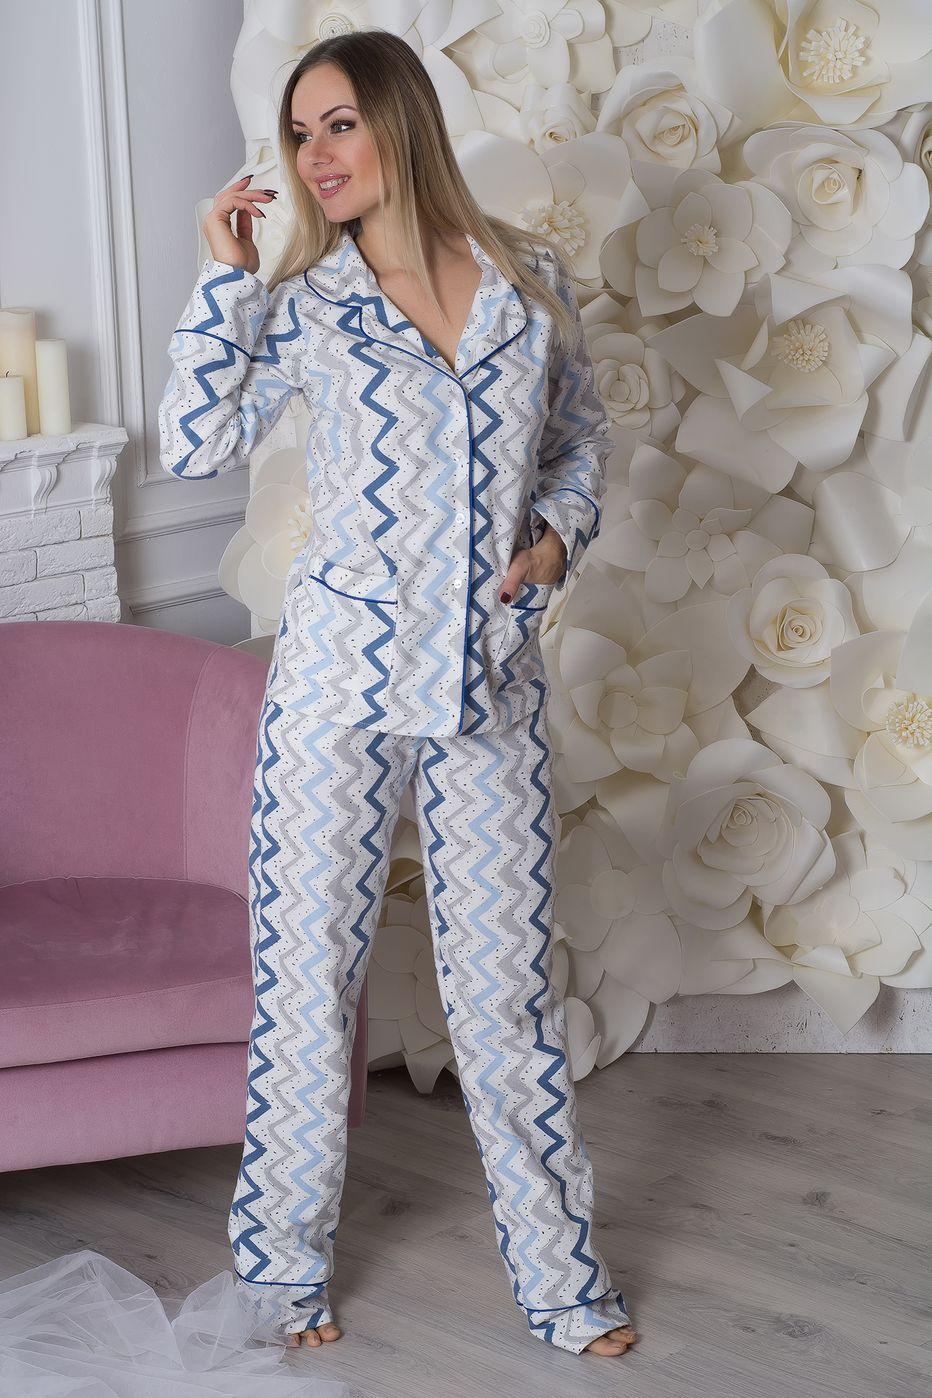 Пижама фланелевая П703 Синий зиг-заг - купить в интернет-магазине ... a38d32c13e827